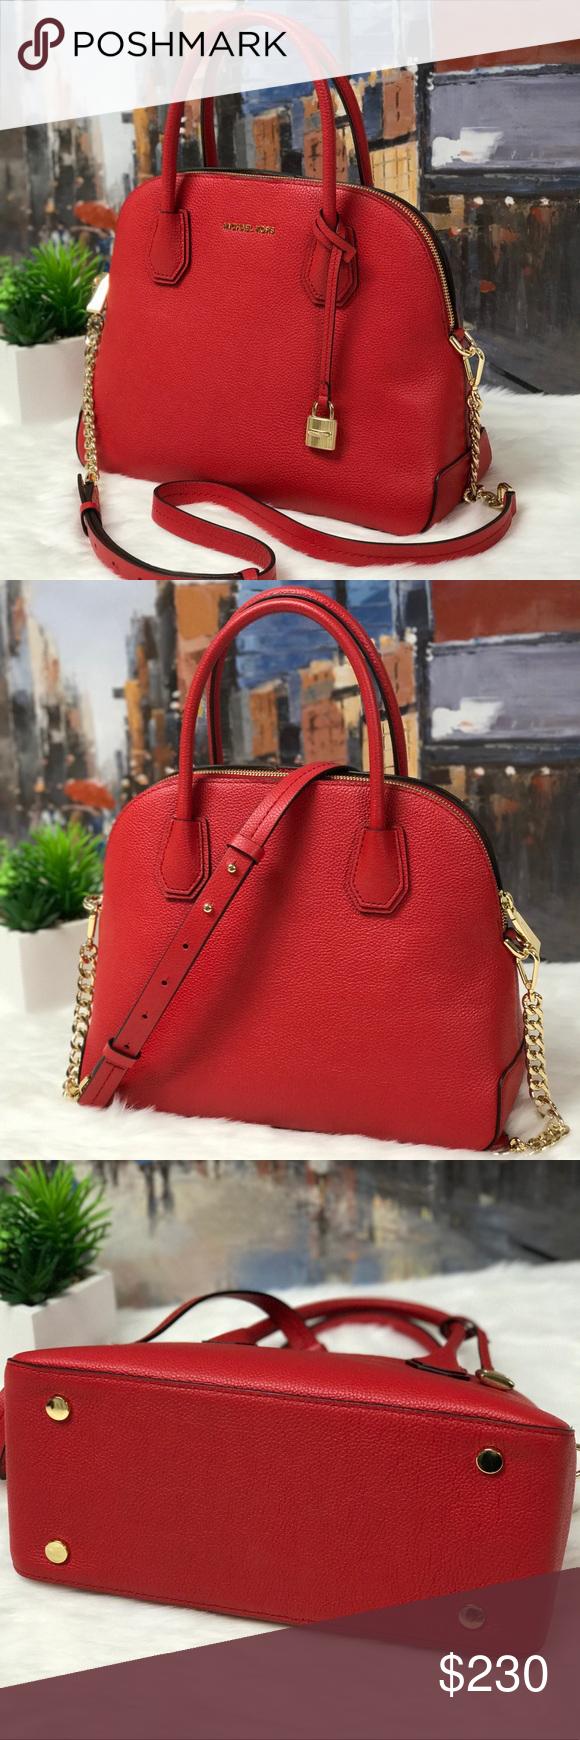 2624cead1c2b ️Michael Kors Mercer Large Dome Satchel Glamorous Handbag DETAILS • 100%  Full